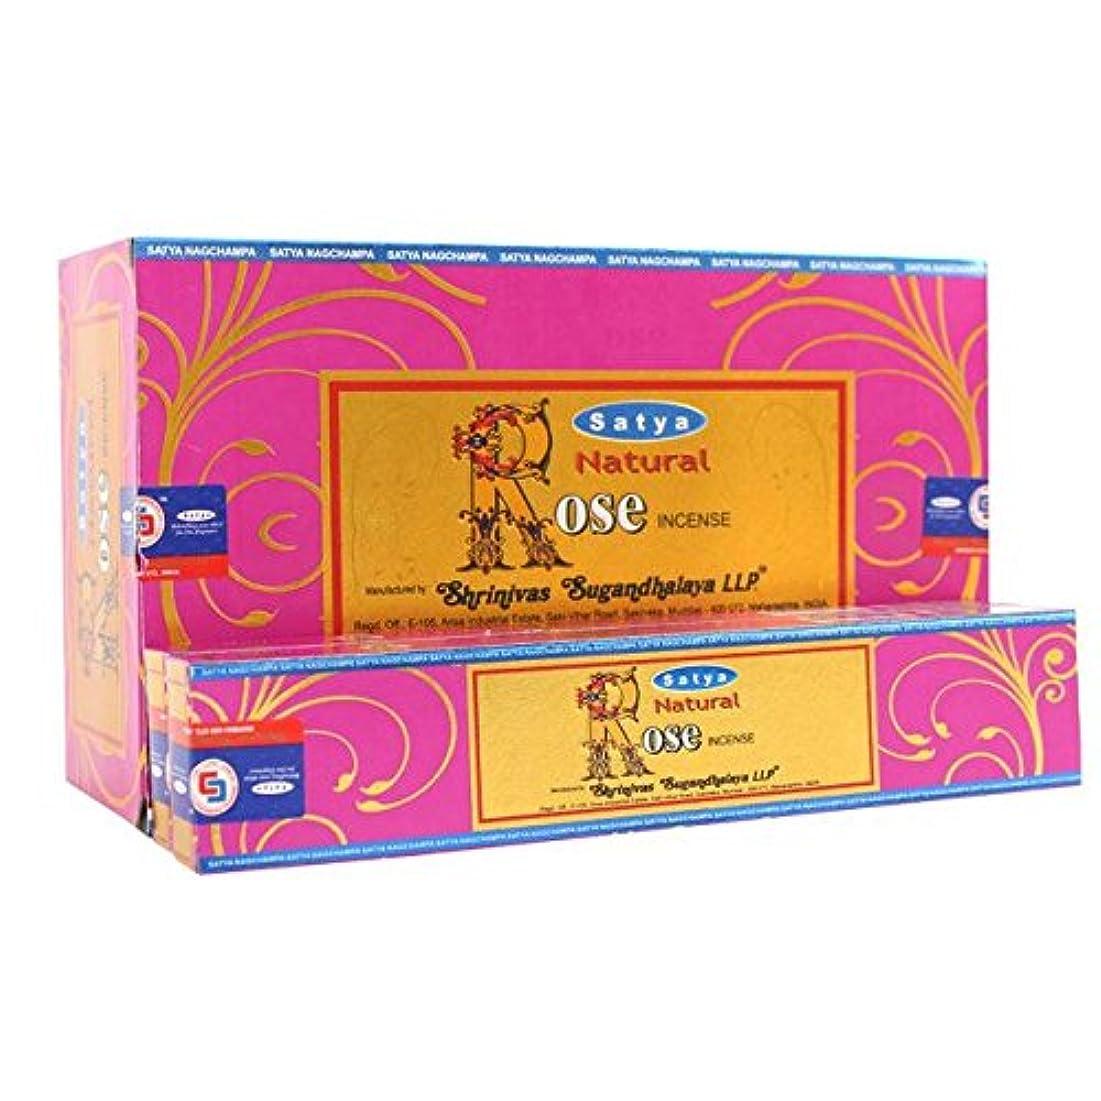 郊外乗算交響曲Box Of 12 Packs Of Natural Rose Incense Sticks By Satya